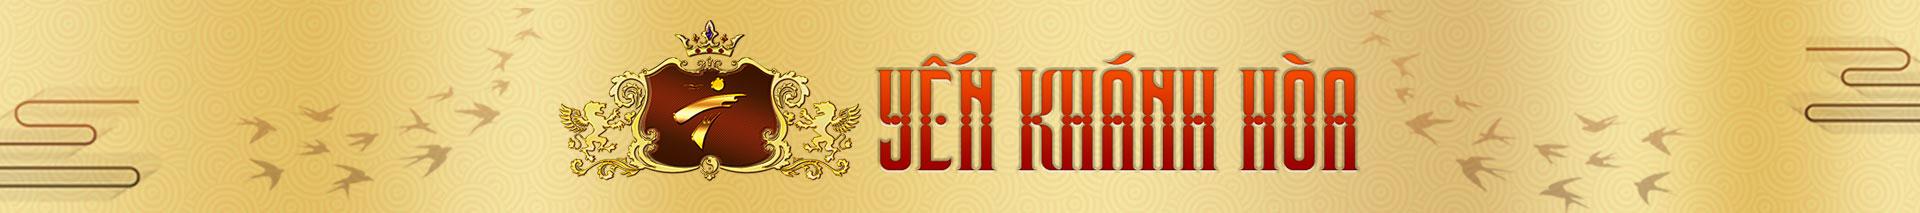 yenkhanhhoa.net.vn